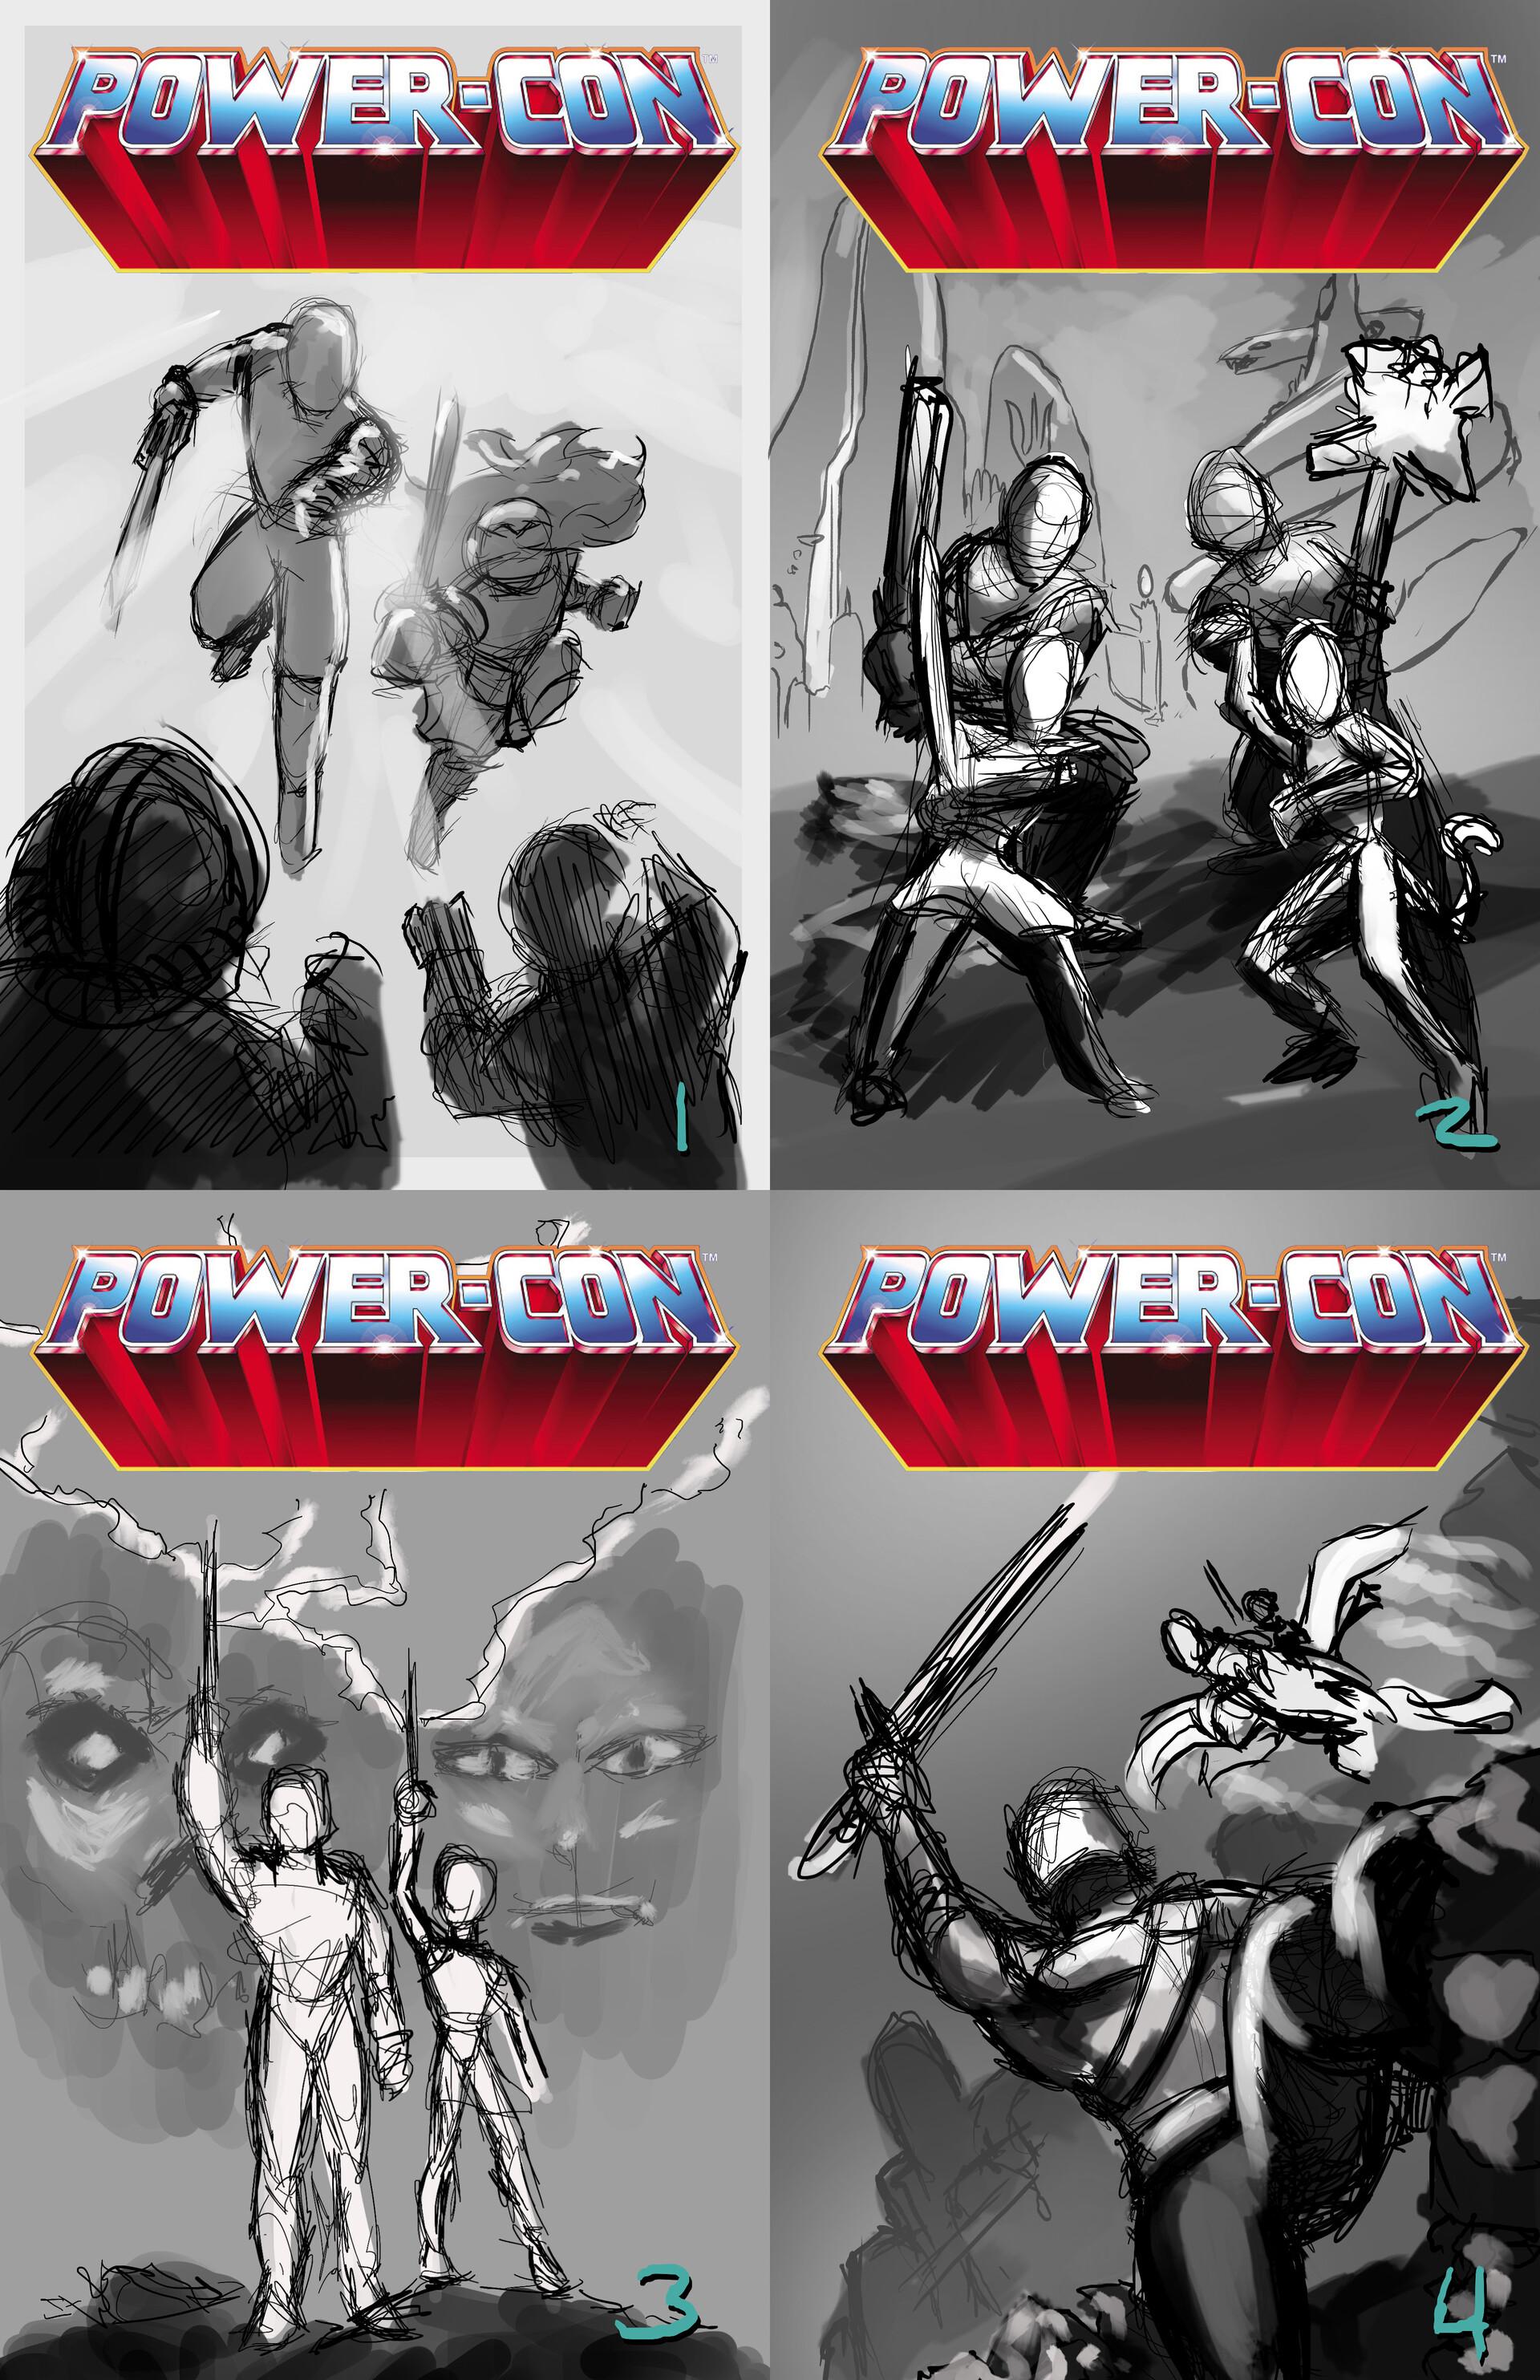 Tony washington powercon cover layouts